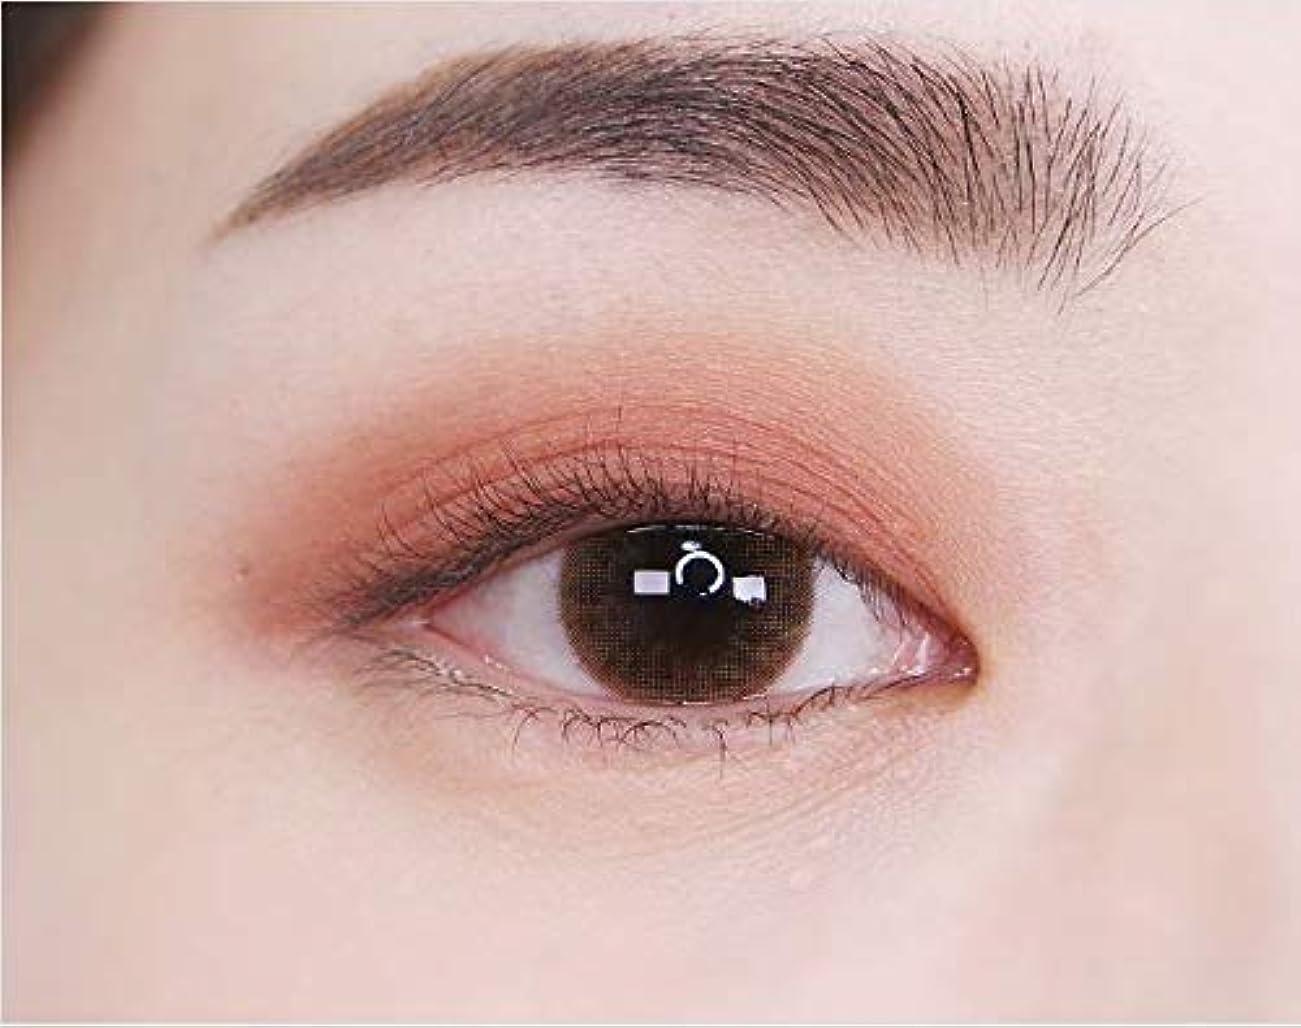 暗殺分クリーム[イニスフリー] innisfree [マイ パレット マイ アイシャドウ (シマ一) 3カラー] MY PALETTE My Eyeshadow (Shimmer) 3 Shades [海外直送品] (シマ一 #46)